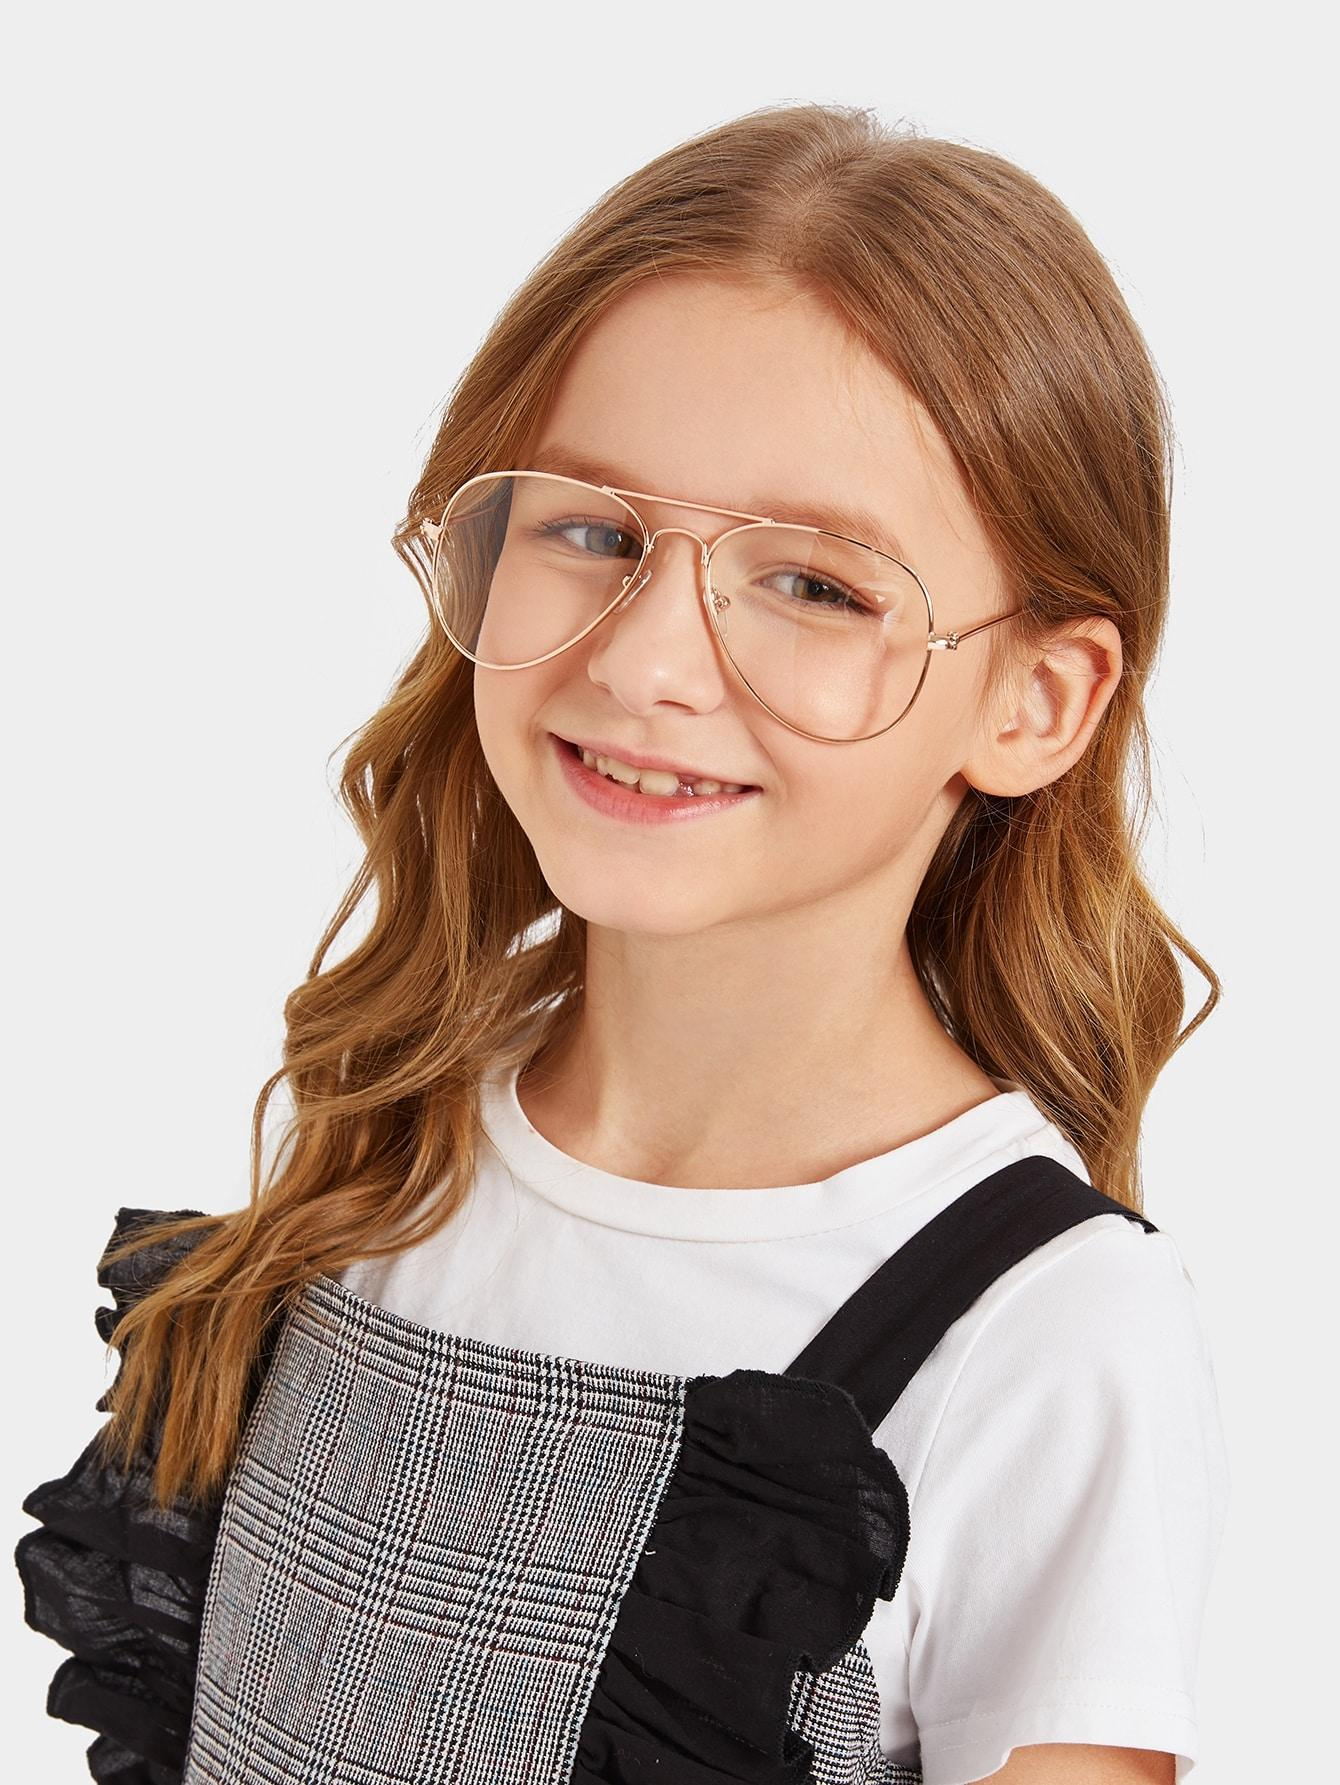 صور مقاسات الملابس للاطفال , كيفيه معرفه المقاس الصحيح لطفلي